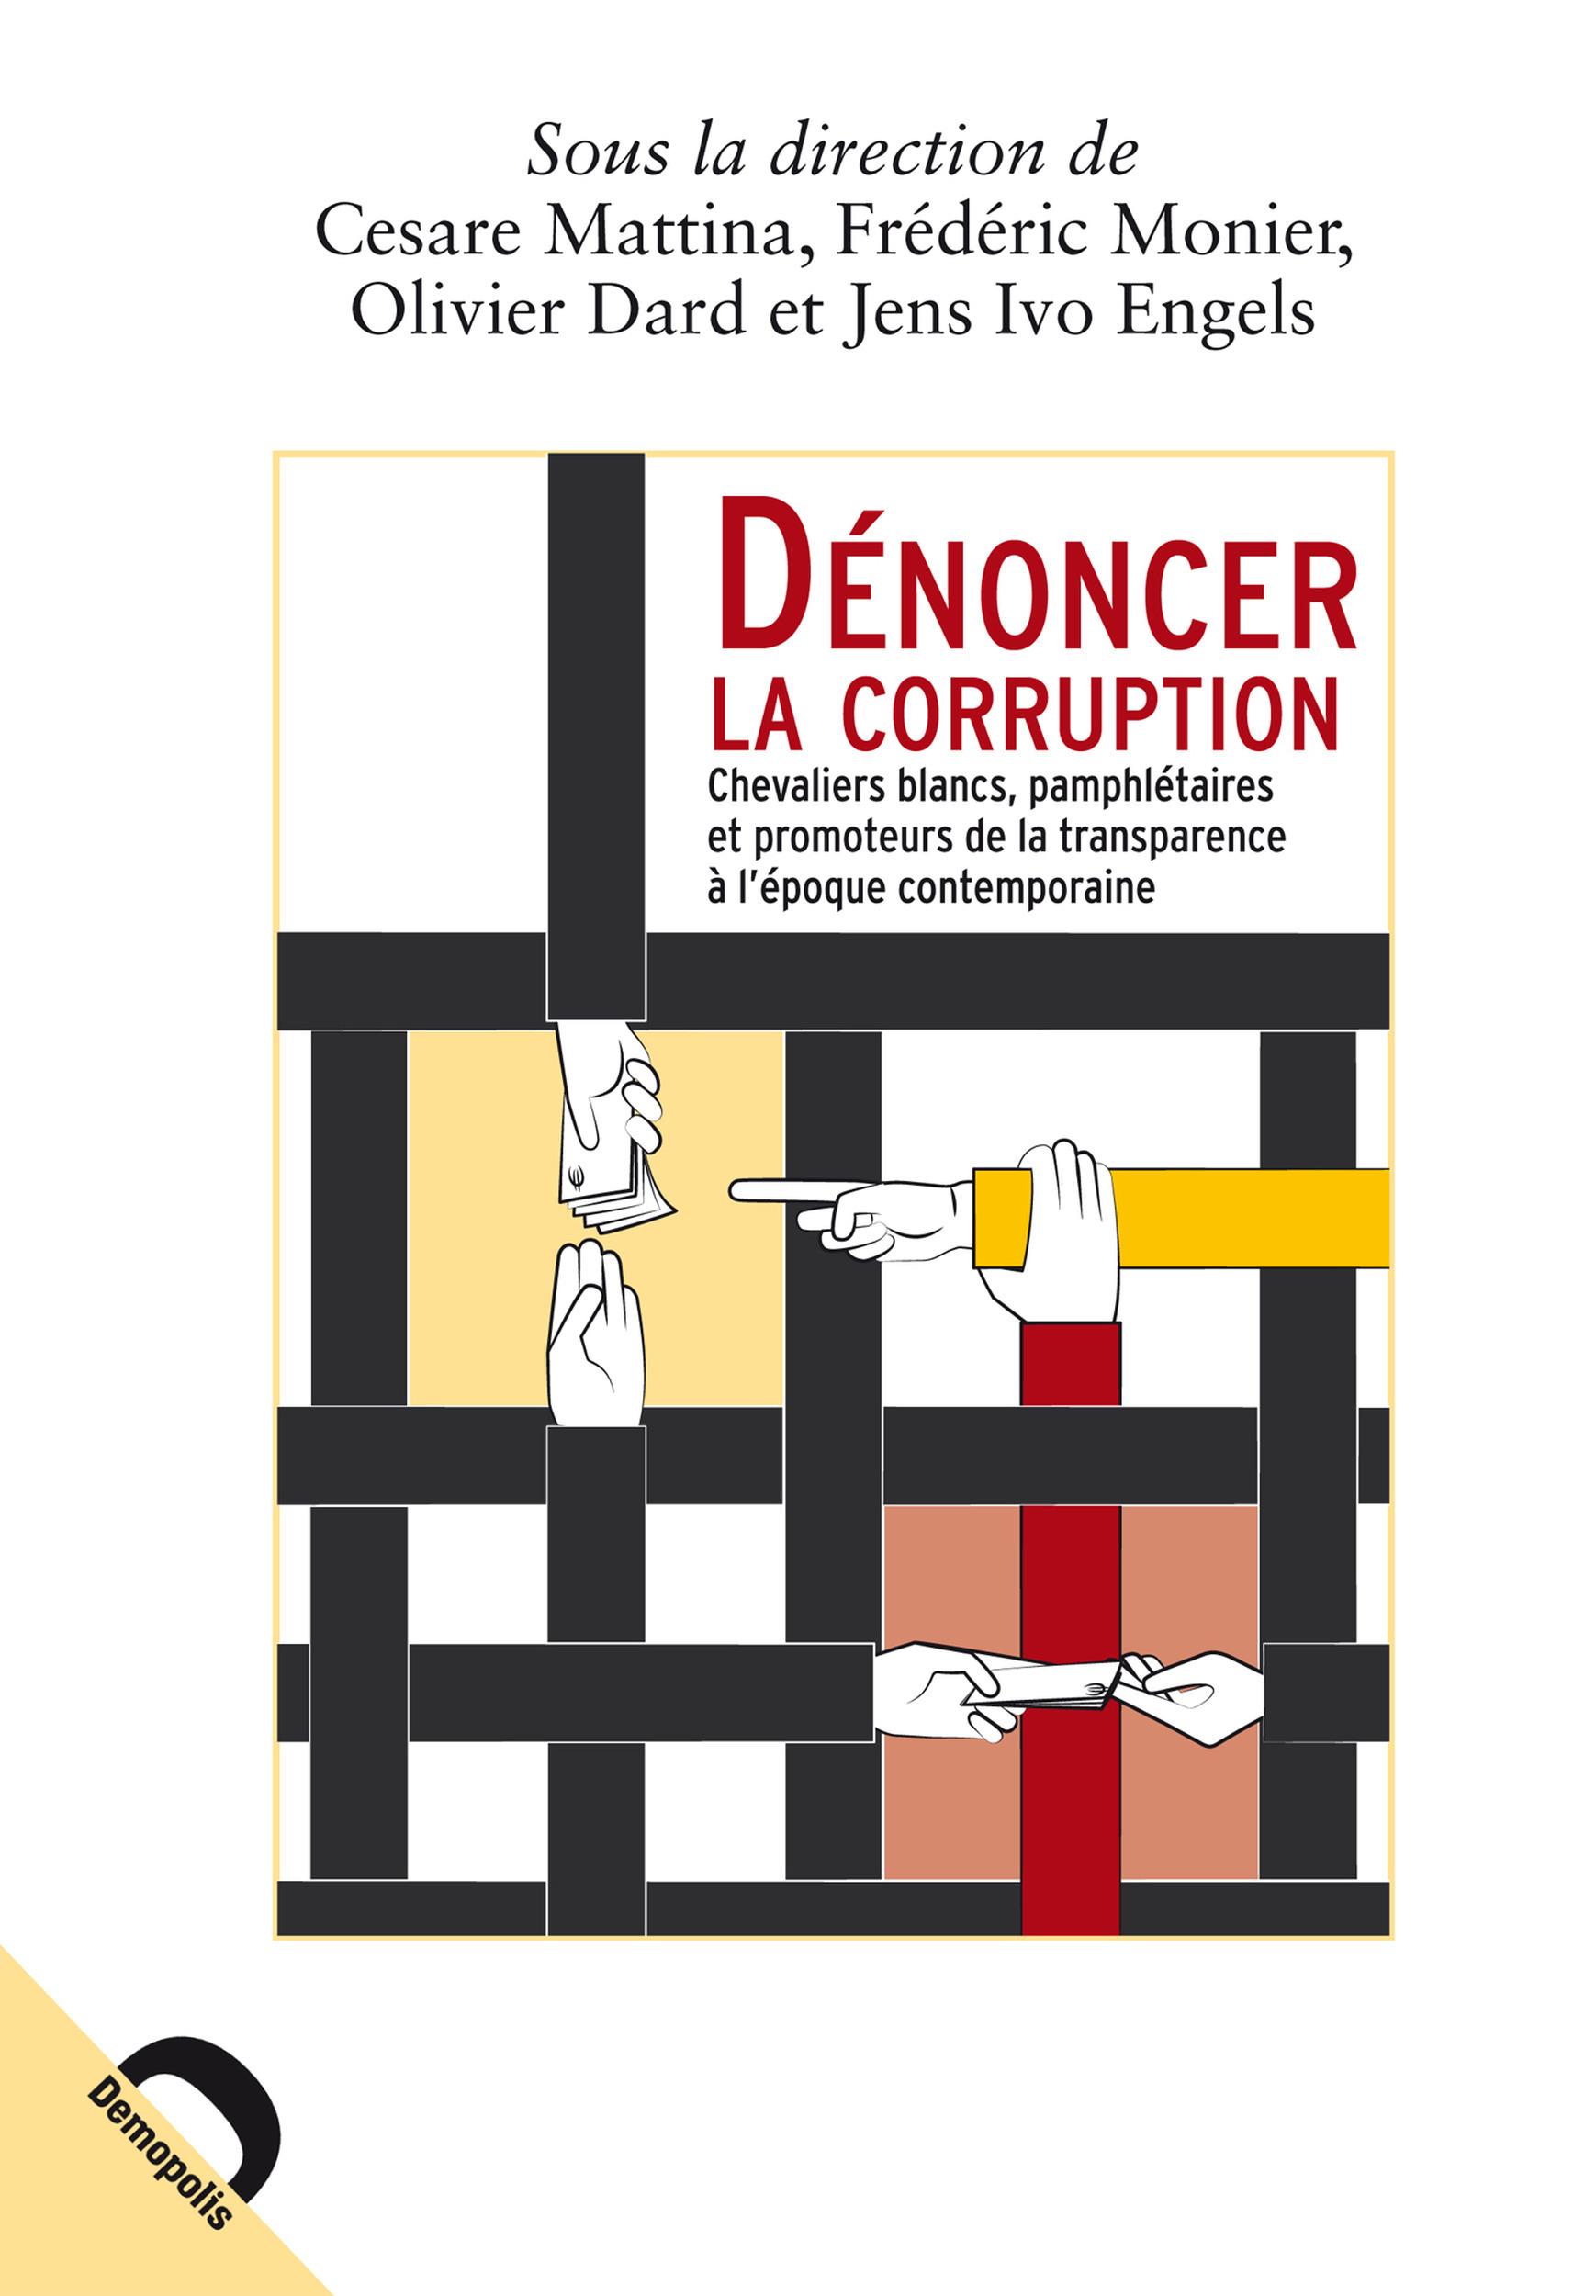 Dénoncer la corruption ; chevaliers blancs, pamphlétaires et pormoteurs de la transparence à l'époque contemporaine